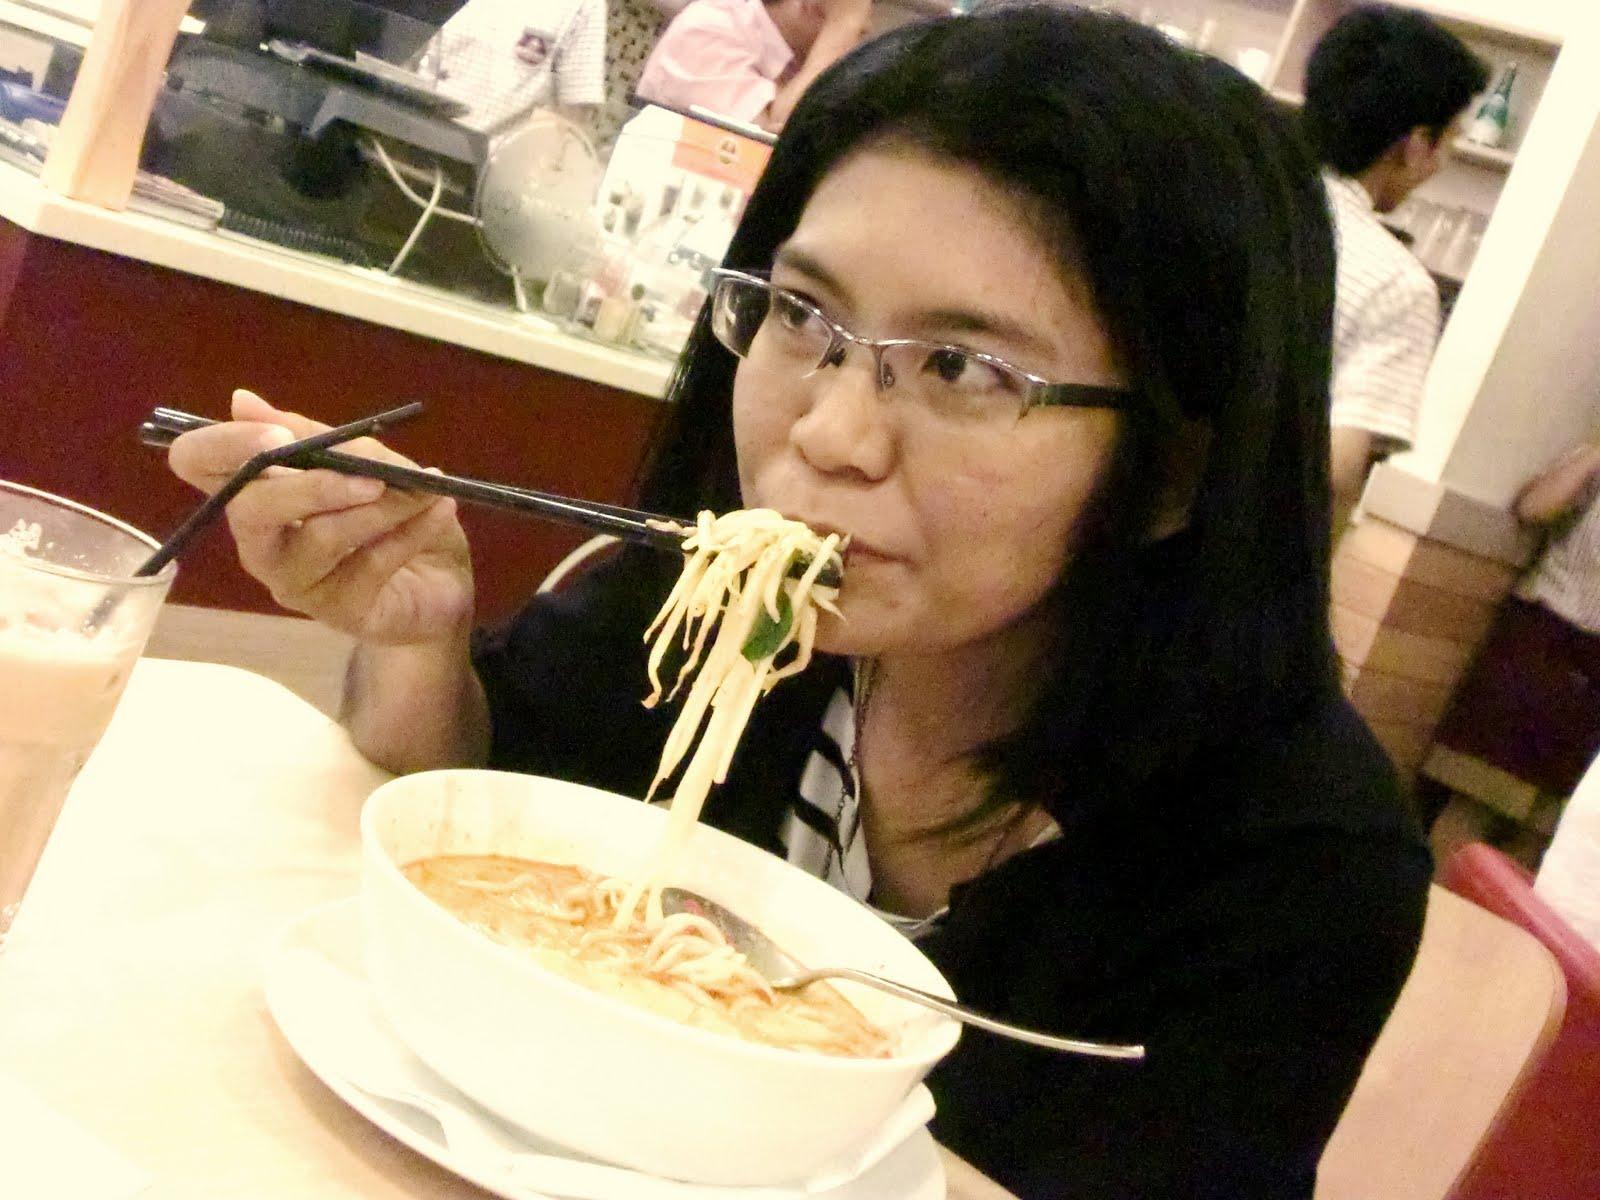 http://3.bp.blogspot.com/-weMrPXLdpqM/ThwYSNewo1I/AAAAAAAAAqE/4DxTbVCe-II/s1600/eat2.jpg